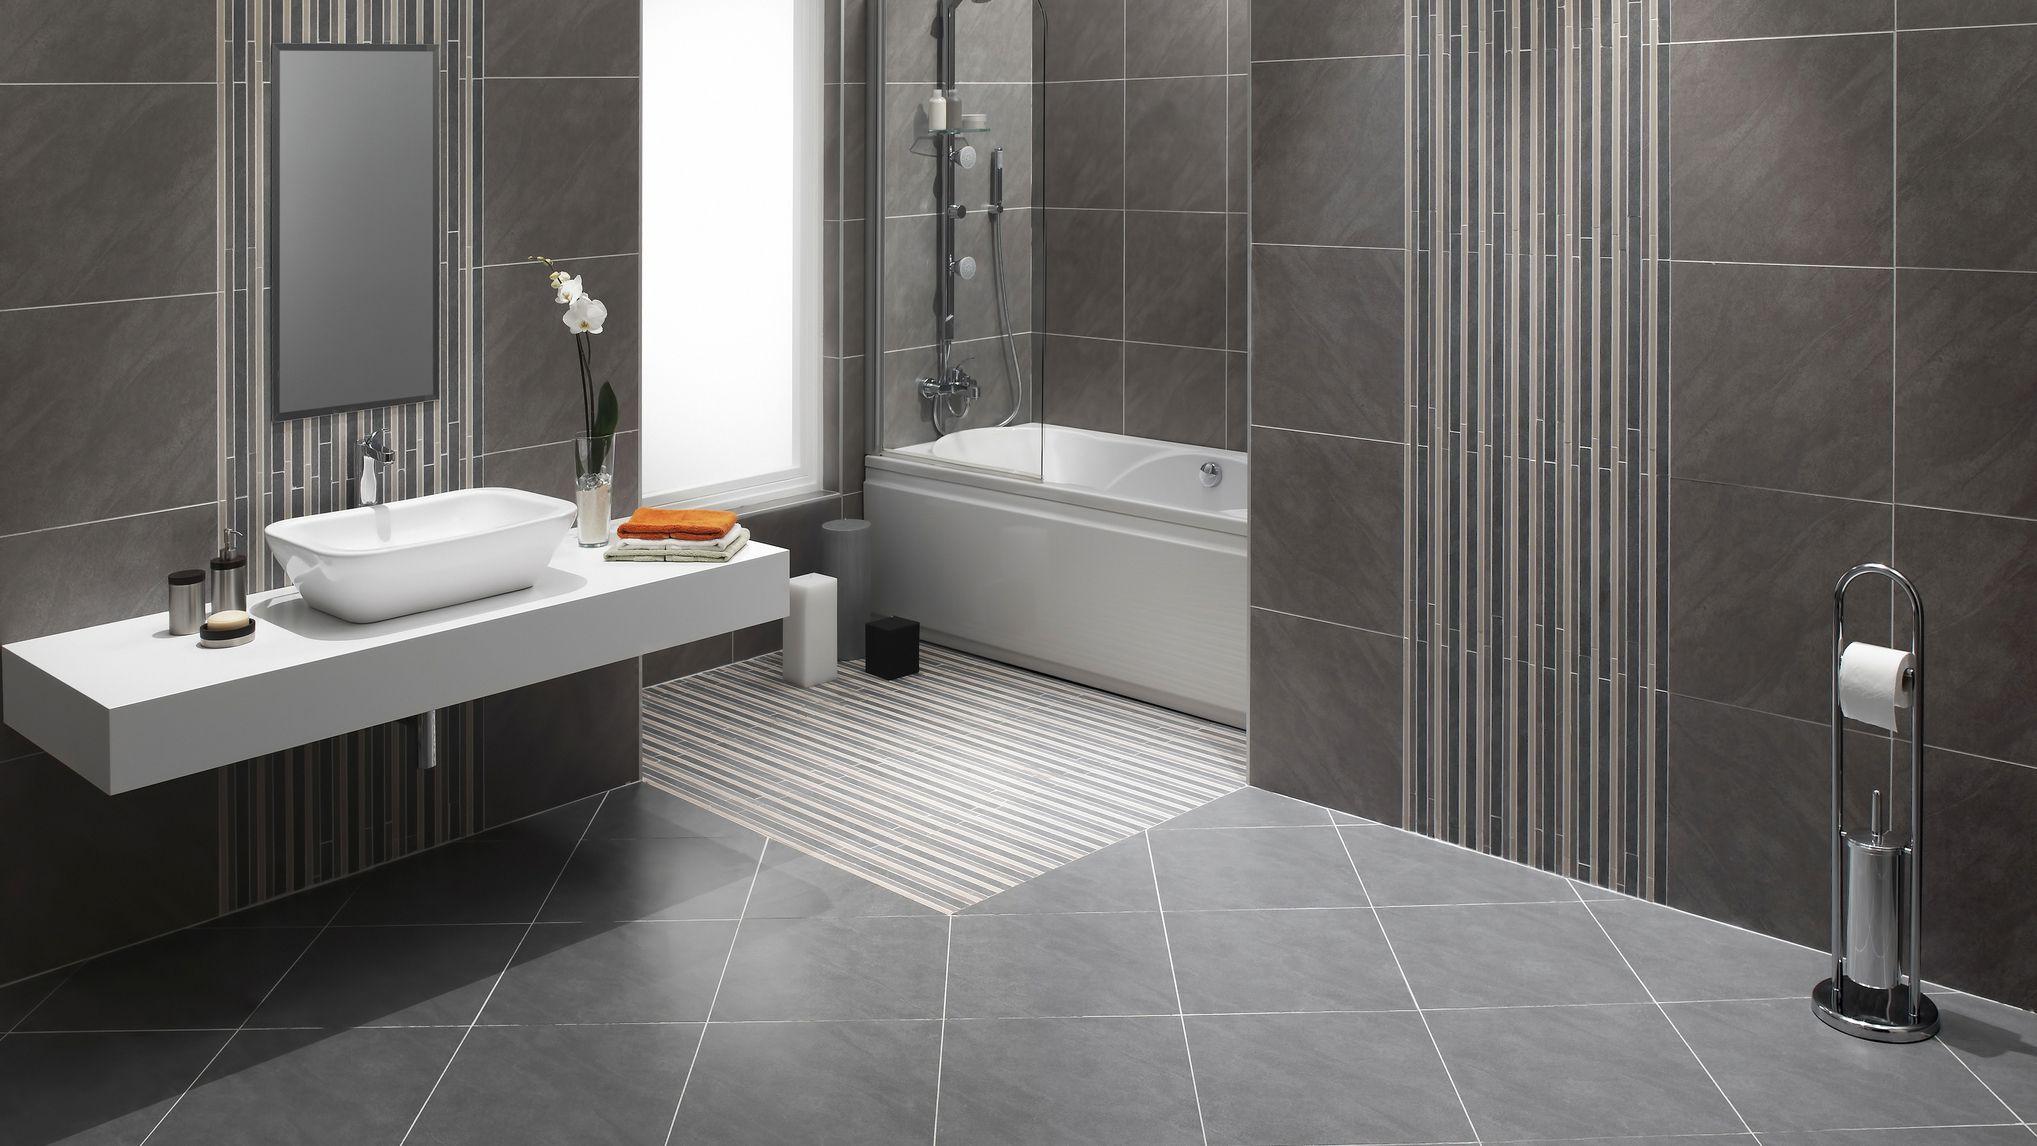 A Diagonal Tile Layout For Bathroom Floor